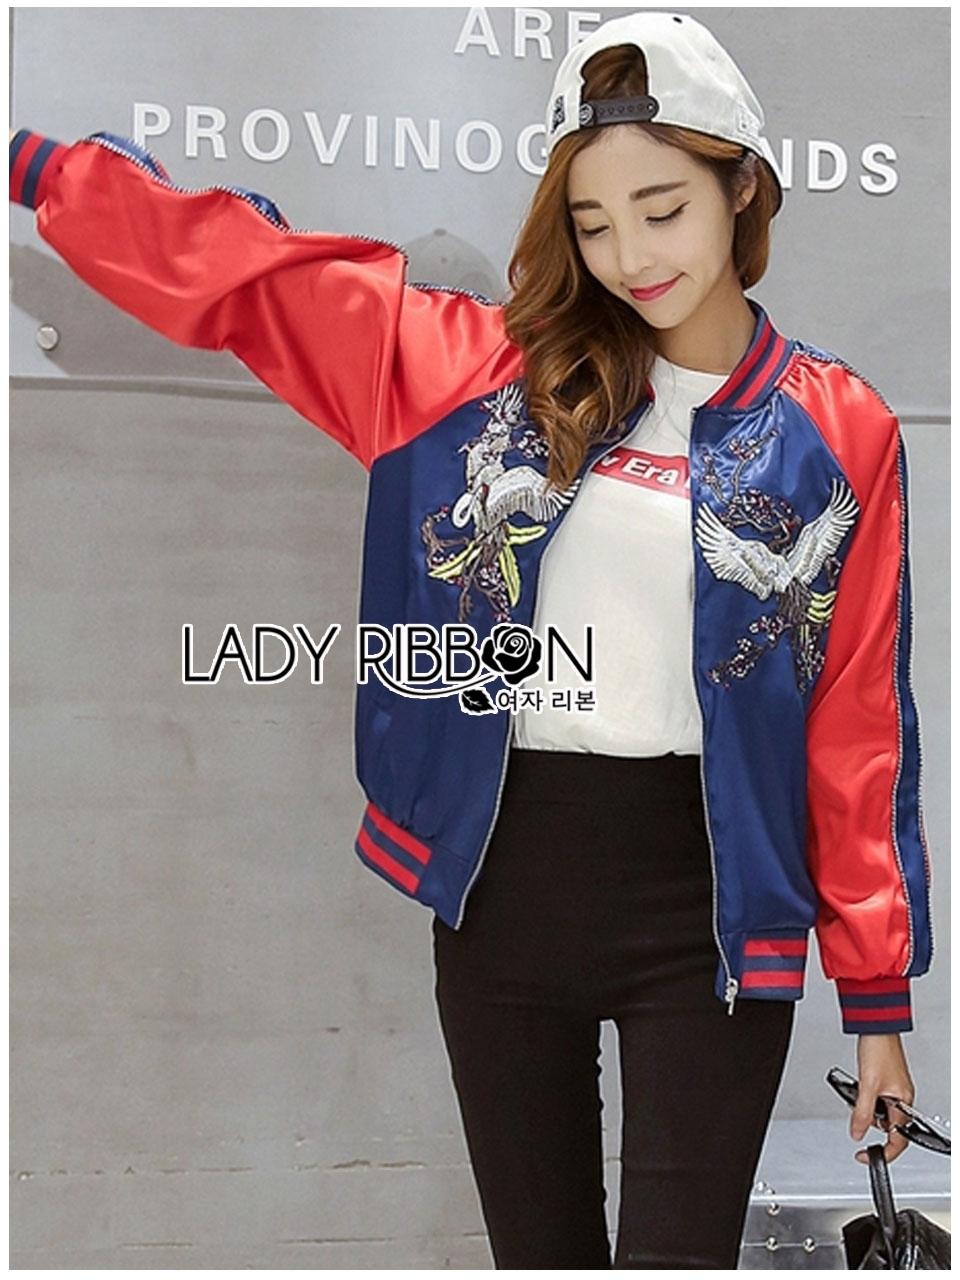 เสื้อผ้าเกาหลี พร้อมส่งบอมเบอร์แจ๊คเก็ตผ้าซาตินปักลายสีสดใส